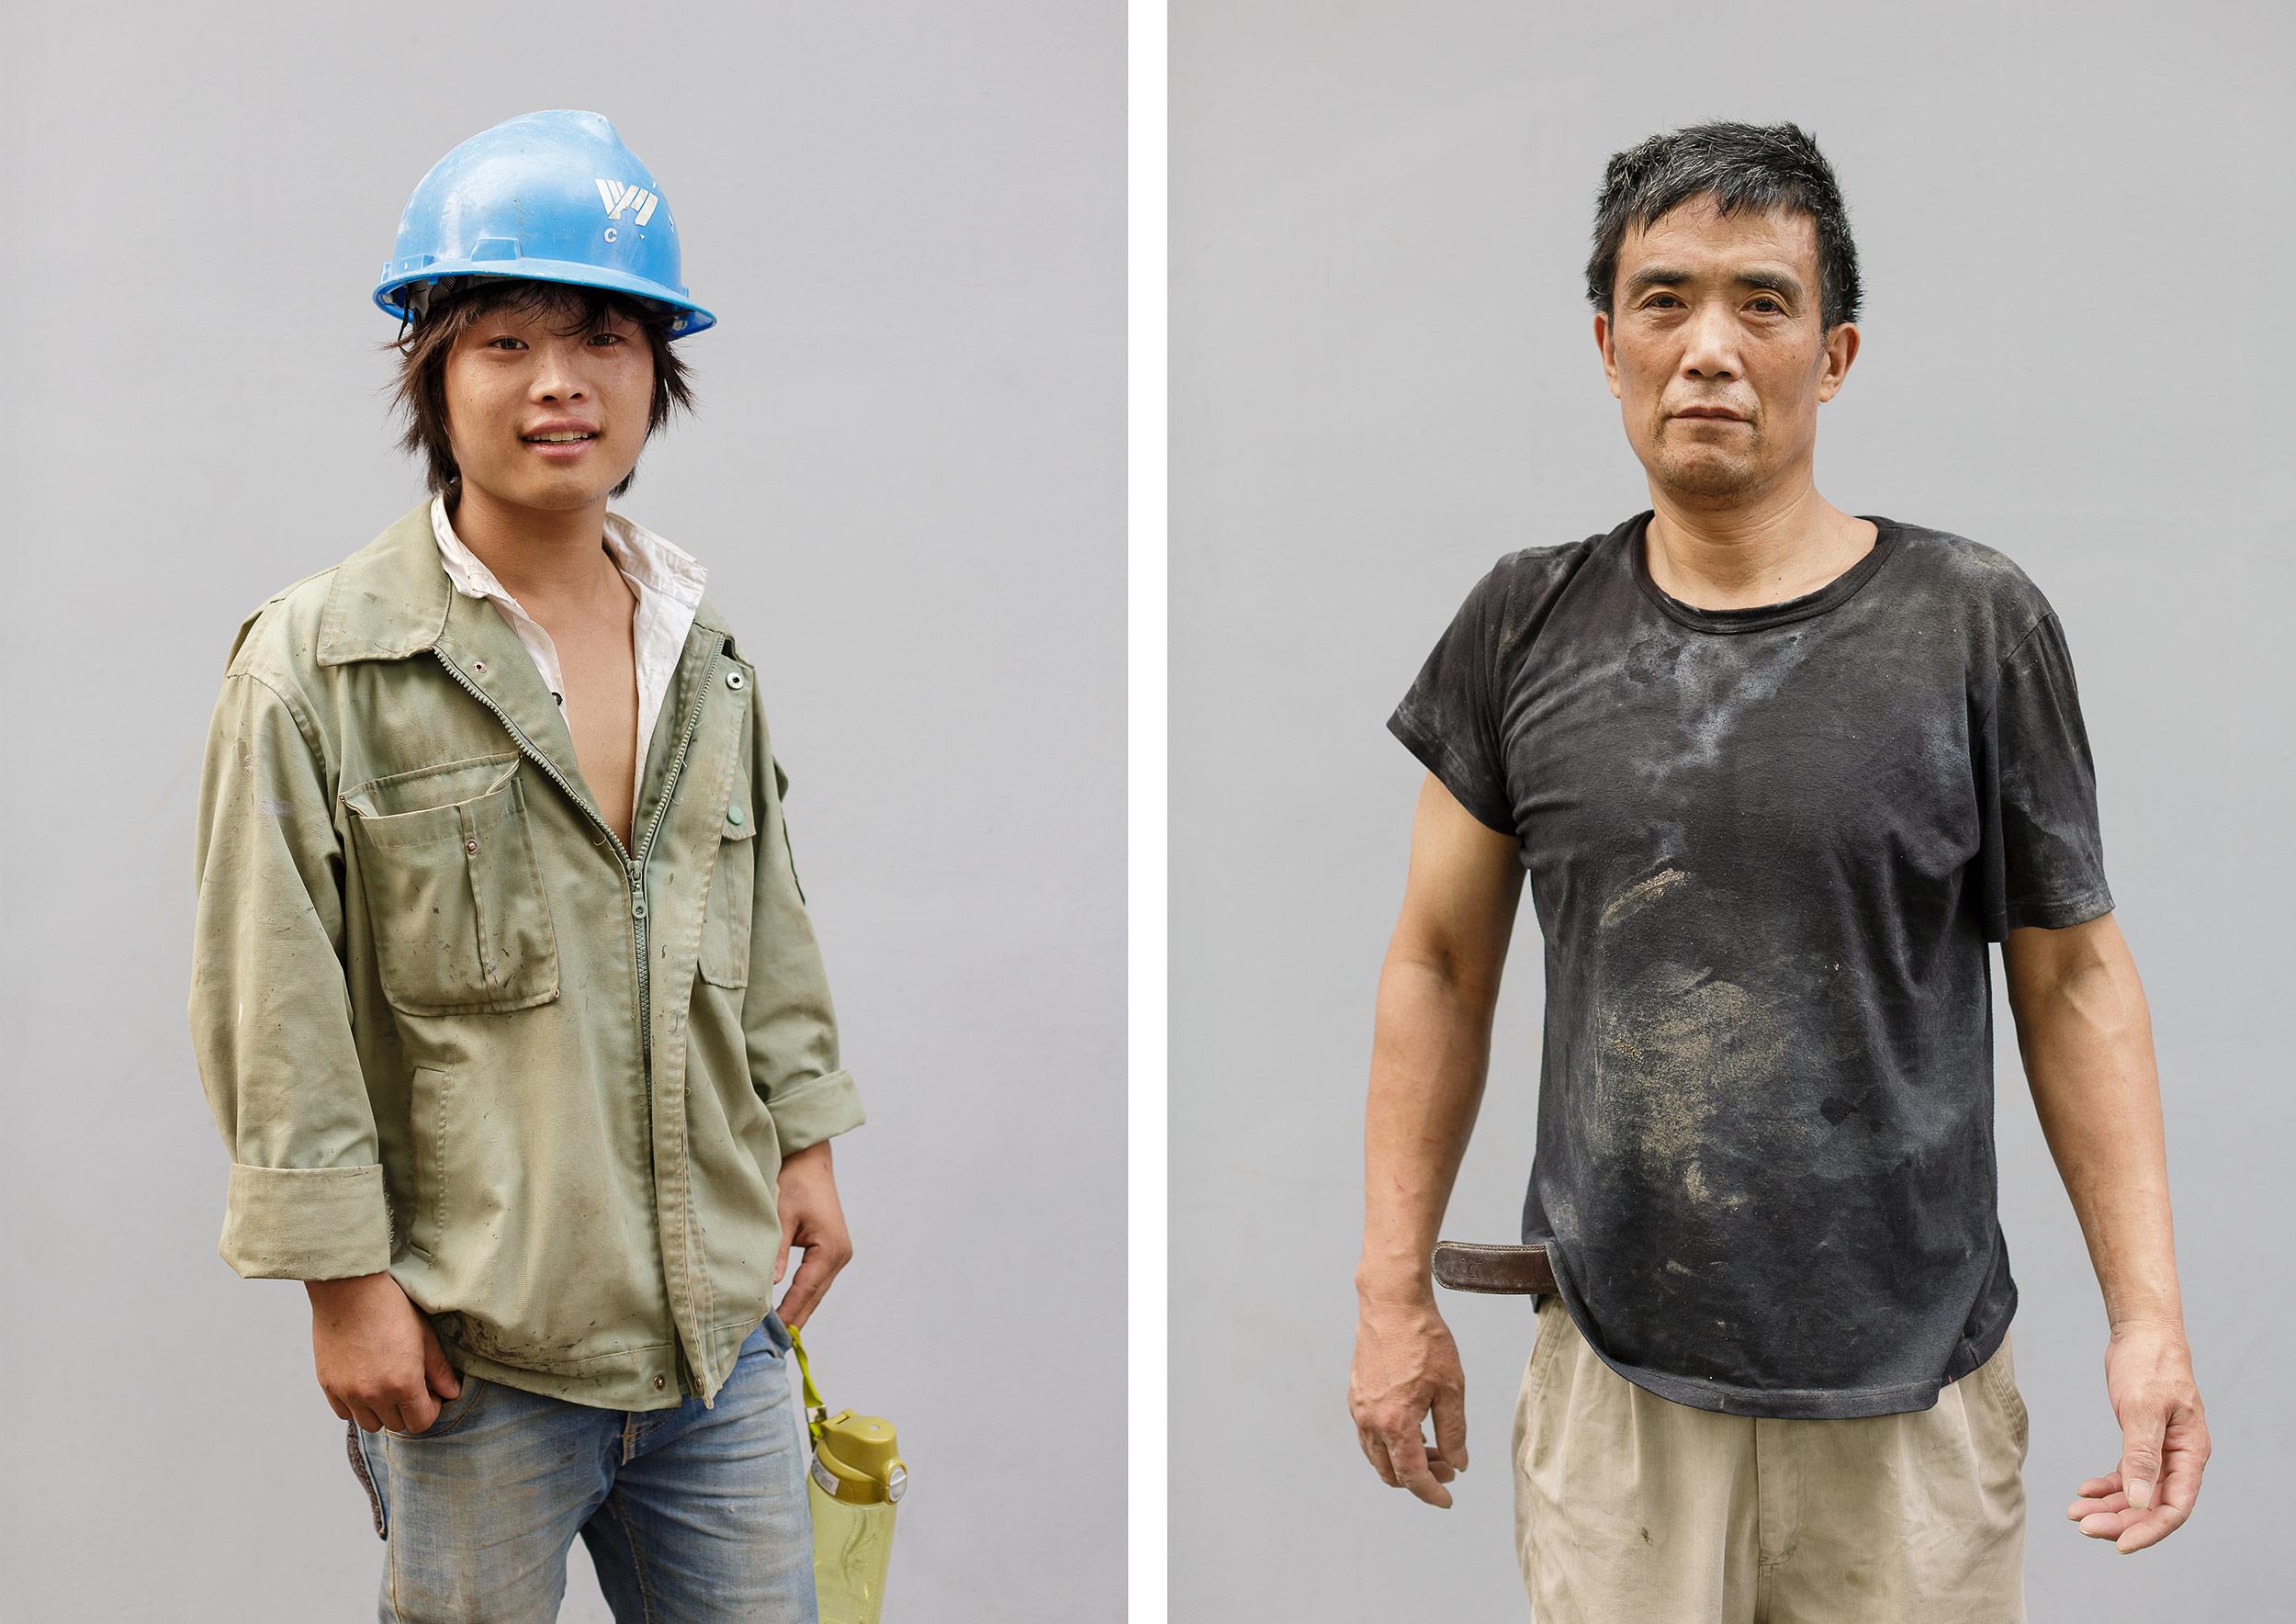 Workers15.jpg